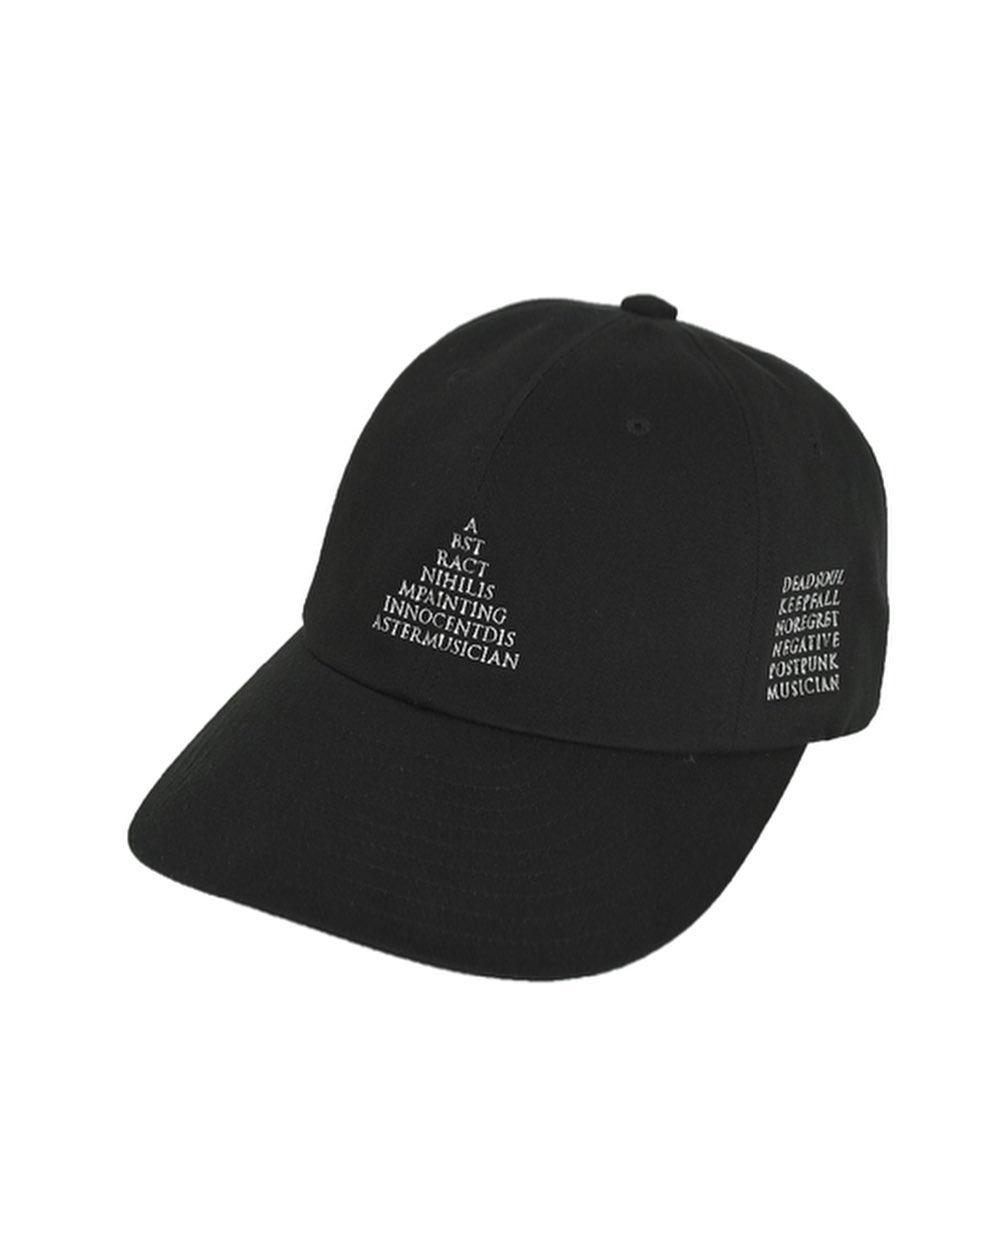 [新作紹介] LAD MUSICIAN ラッドミュージシャン CAP キャップ ブラック 2221-921LAD MUSICIAN の商品はALLEY OnlineShopにてご購入頂けます。ALLEY Online Shopは、プロフィールのリンクからご覧頂けます。お問い合わせもございましたら、サイトからお気軽にご連絡ください。会員ポイント3%還元初回特典1100ポイント#ladmusician #ラッドミュージシャン #alleyonlineshop #alleycompany #mensfashion #メンズファッション #streetfashion #ストリートファッション #selectshop #セレクトショップ #mensselectshop #メンズセレクトショップ #mood #instafashion #fashiongram #正規取扱店 #ファッション通販 #通販サイト #ネットショップ #栃木 #宇都宮 #cap #キャップ @mood_alley @satok3n